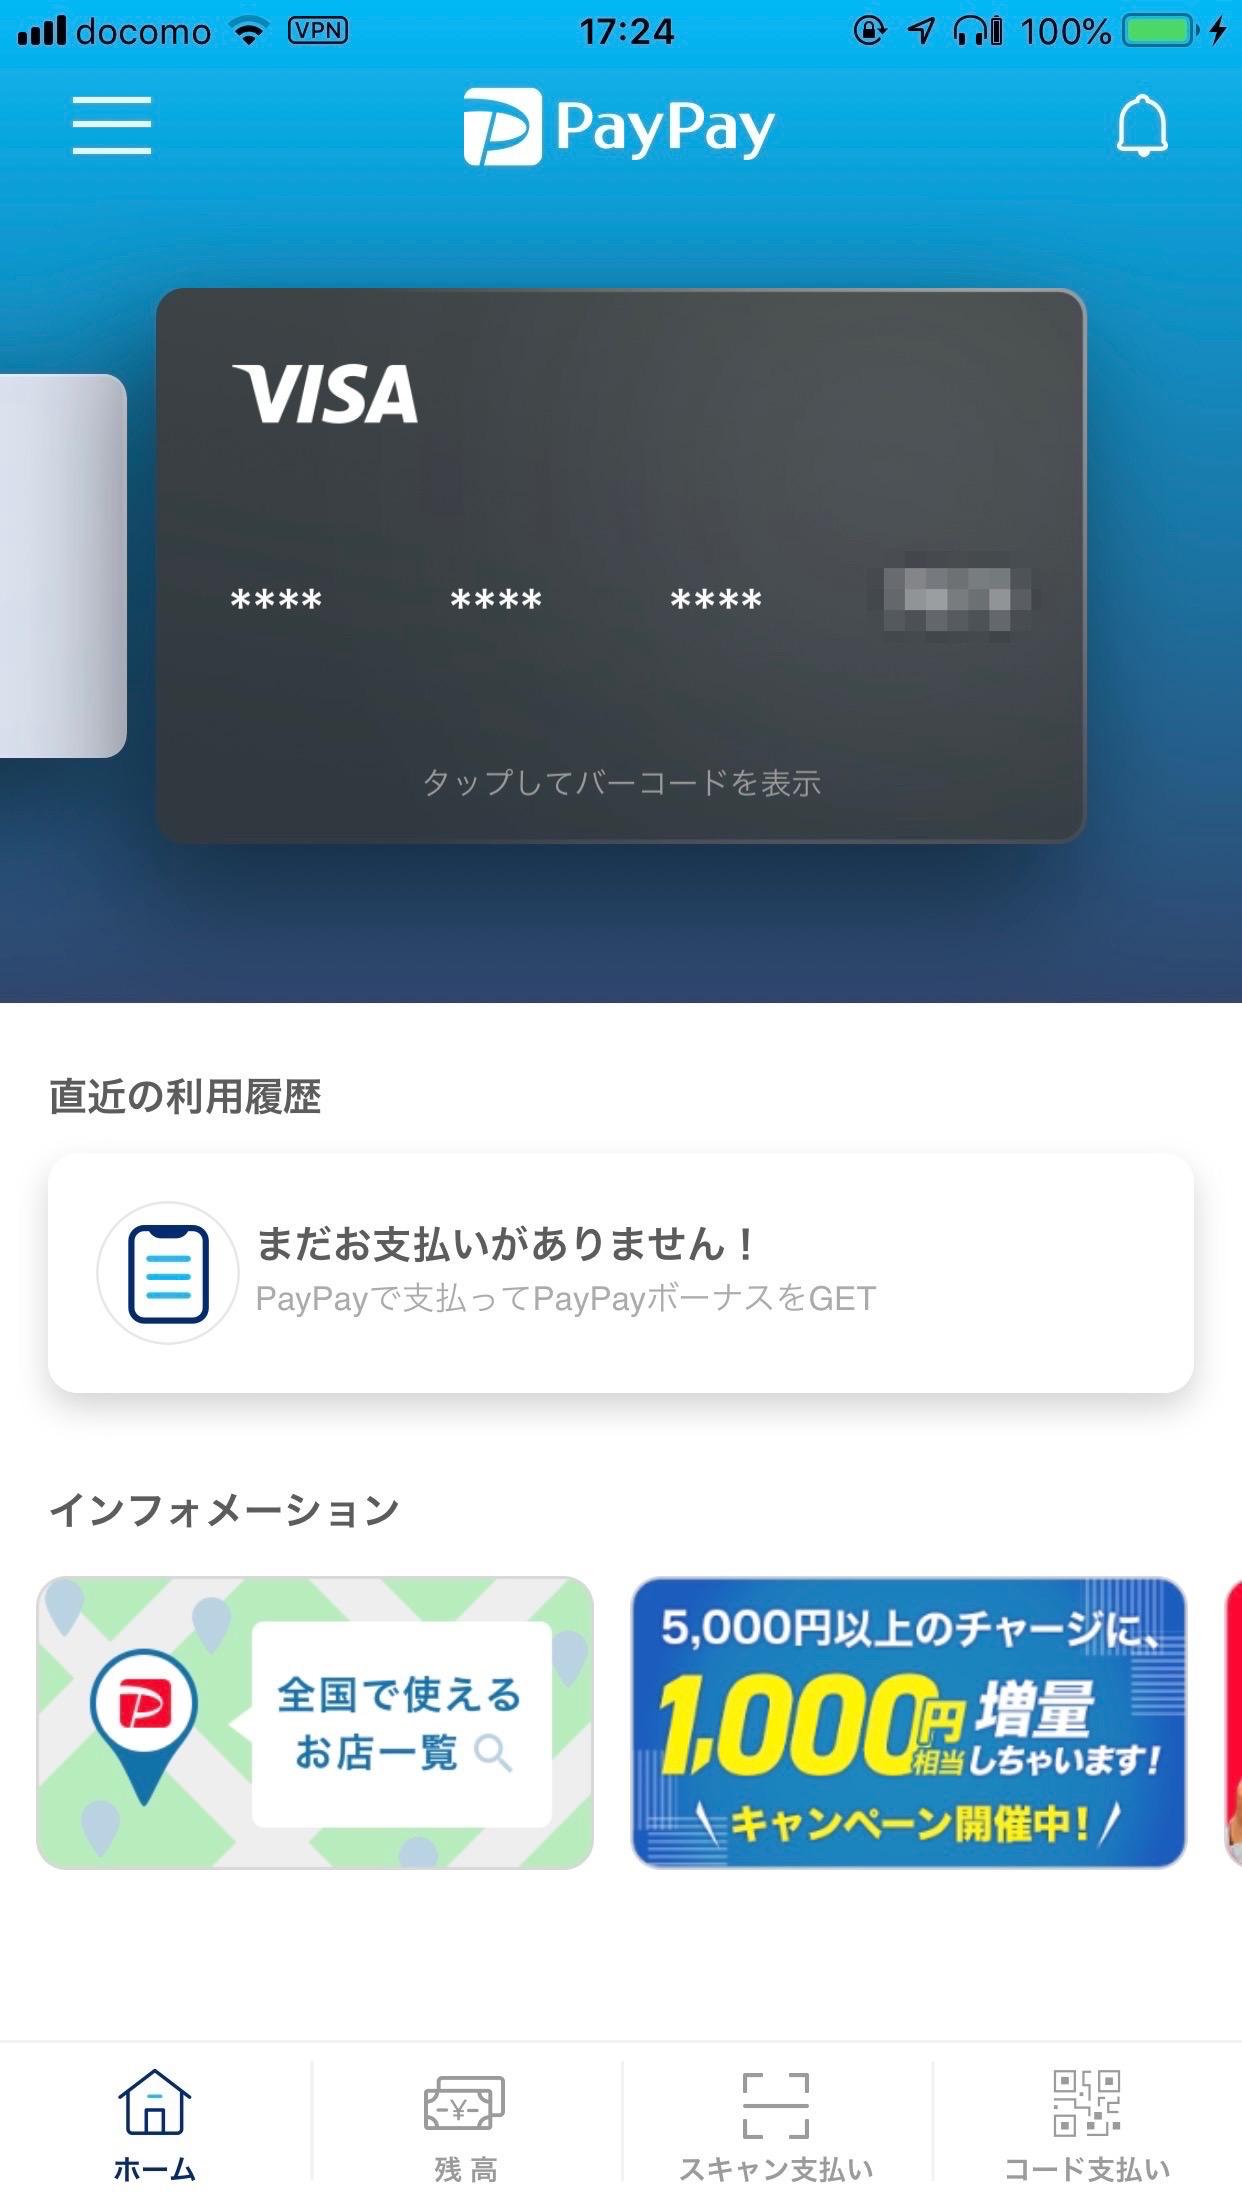 【PayPay】チャージ用のクレジットカードにKyashカードが登録できた